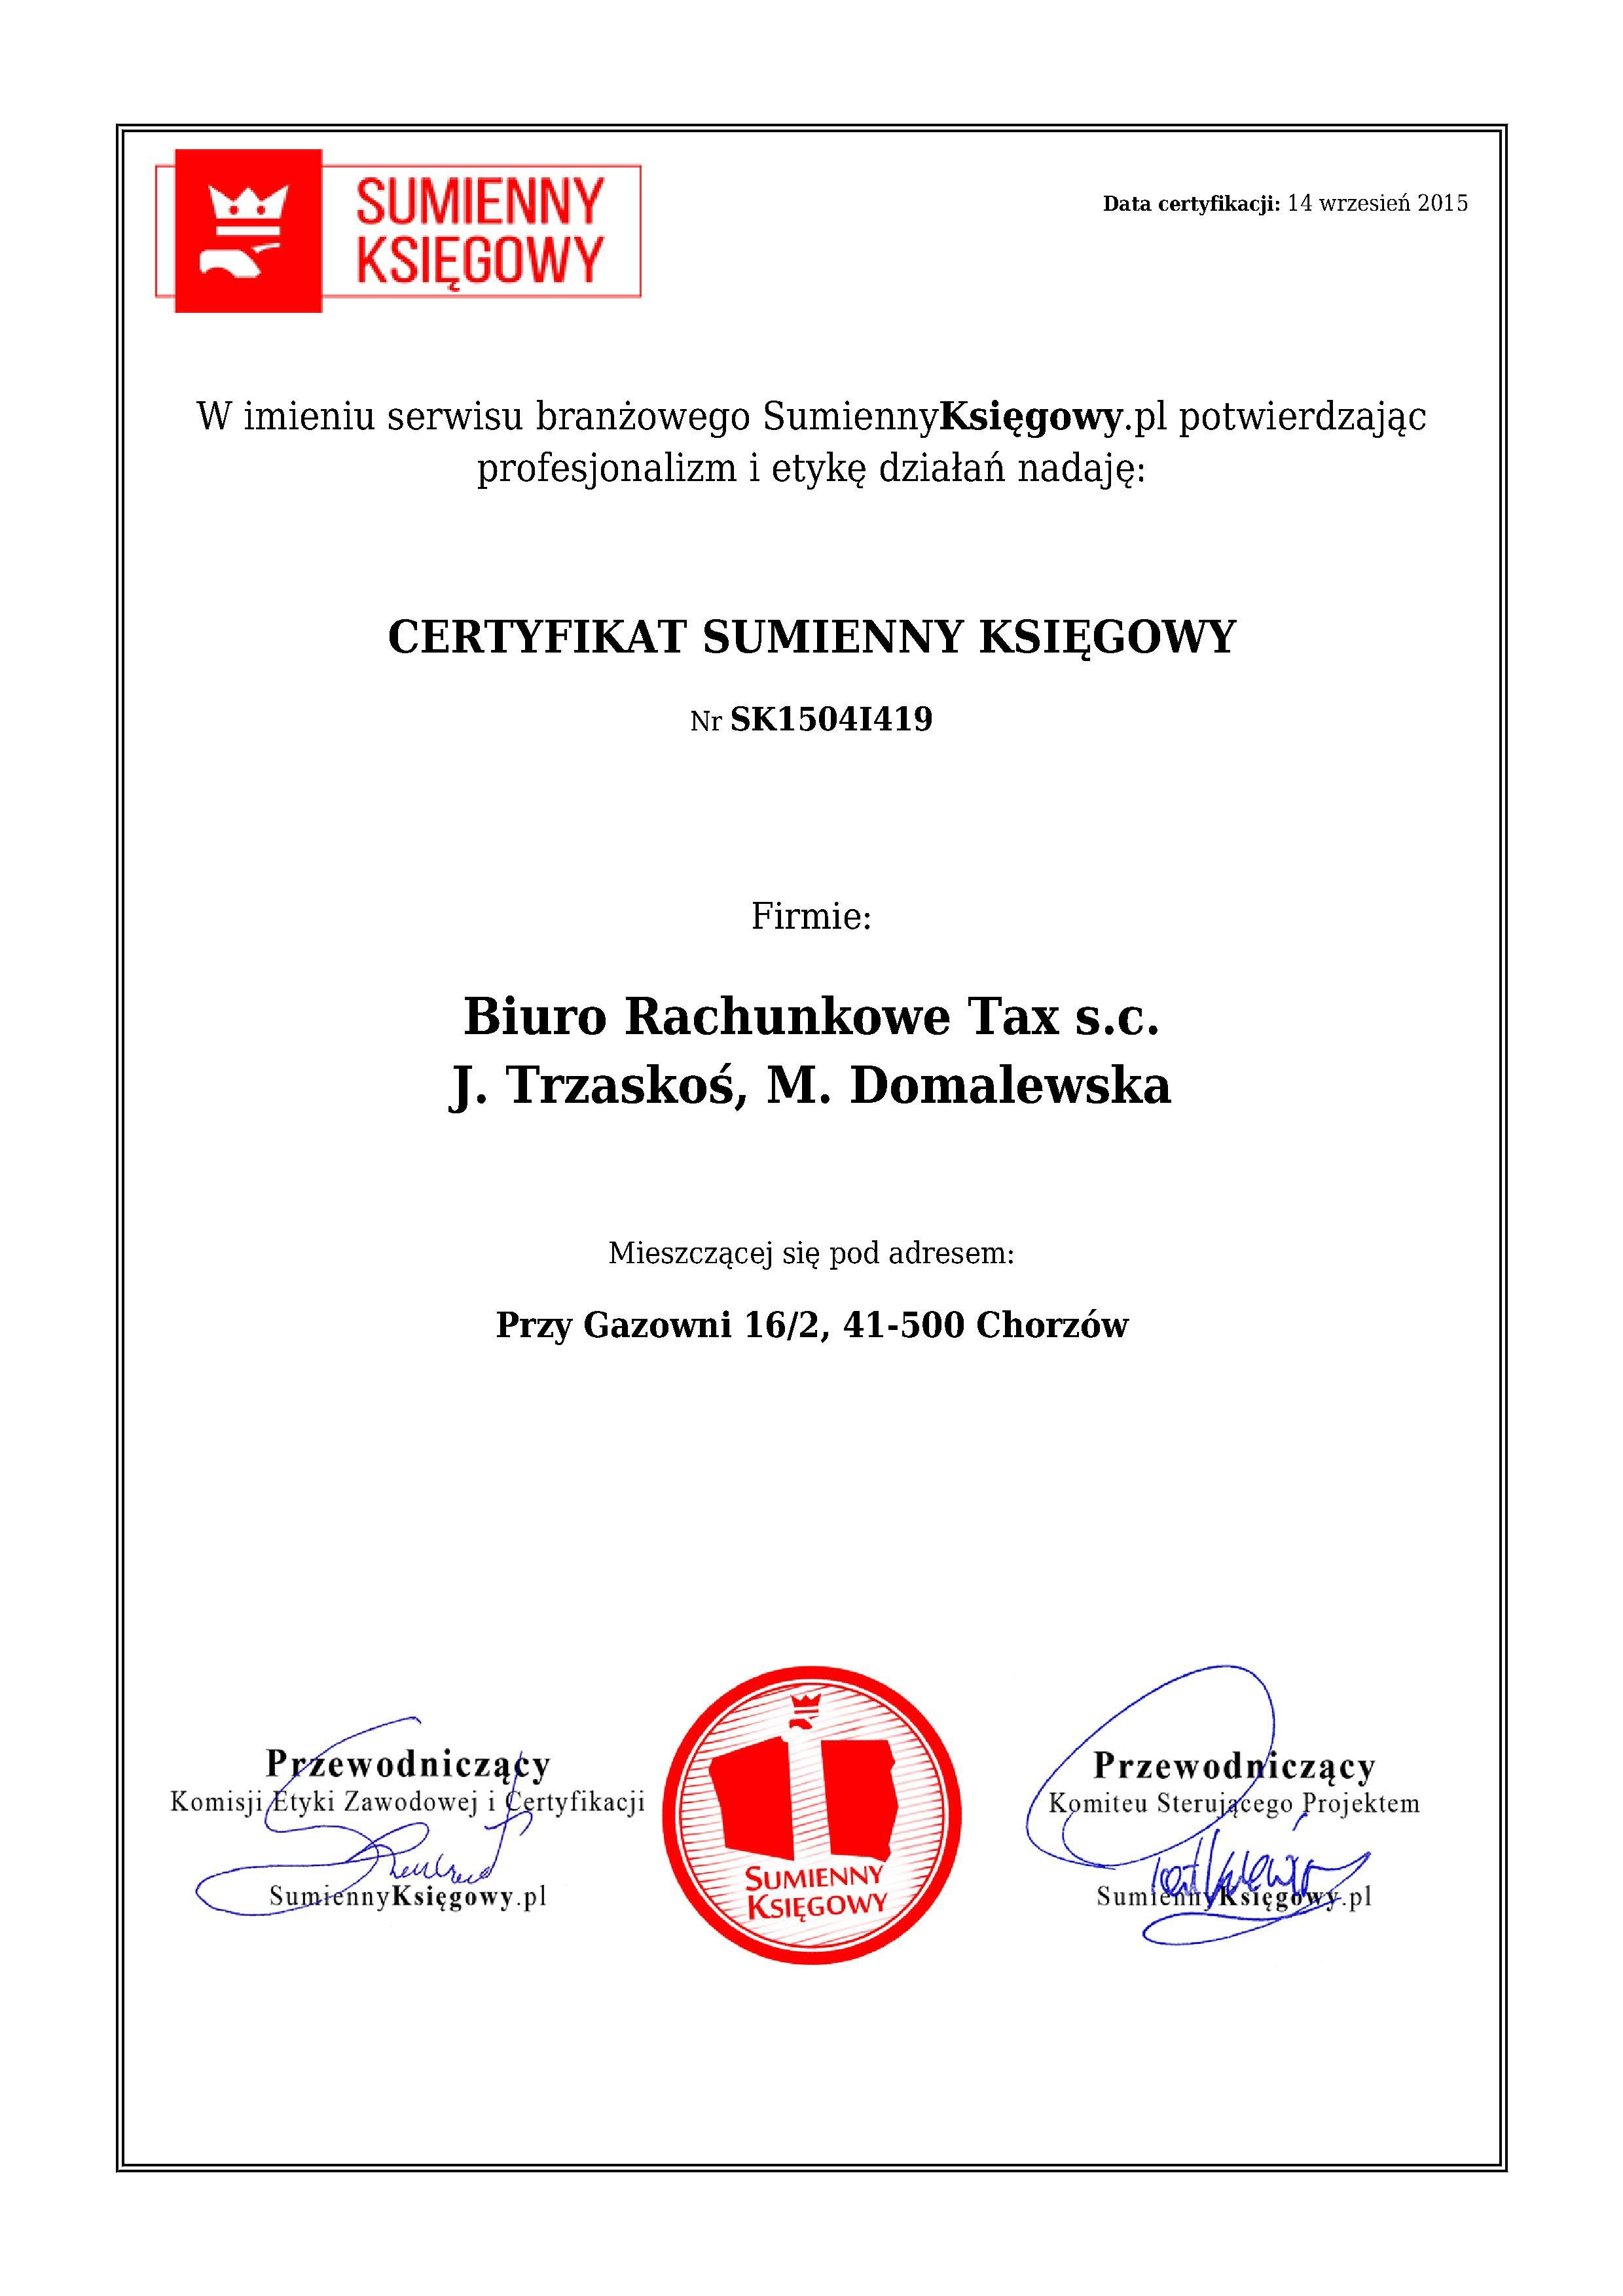 Certyfikat Biuro Rachunkowe Tax s.c. J. Trzaskoś, M. Domalewska